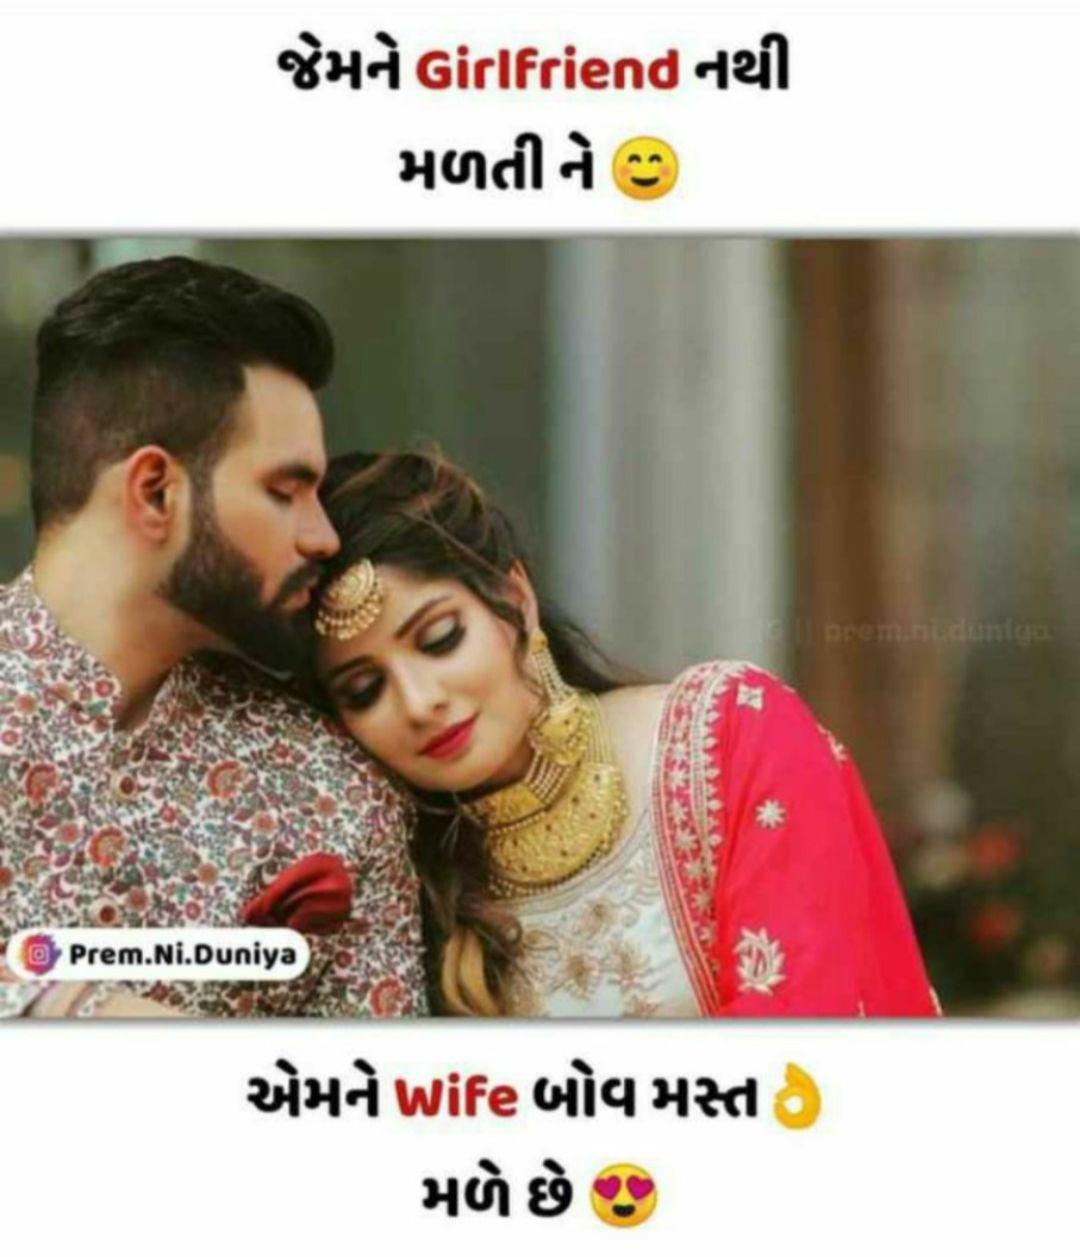 💘 પ્રેમ 💘 - જેમને Girlfriend નથી મળતીને : O Prem . Ni . Duniya એમનેuire બોવ મસ્ત મળે છે જે - ShareChat